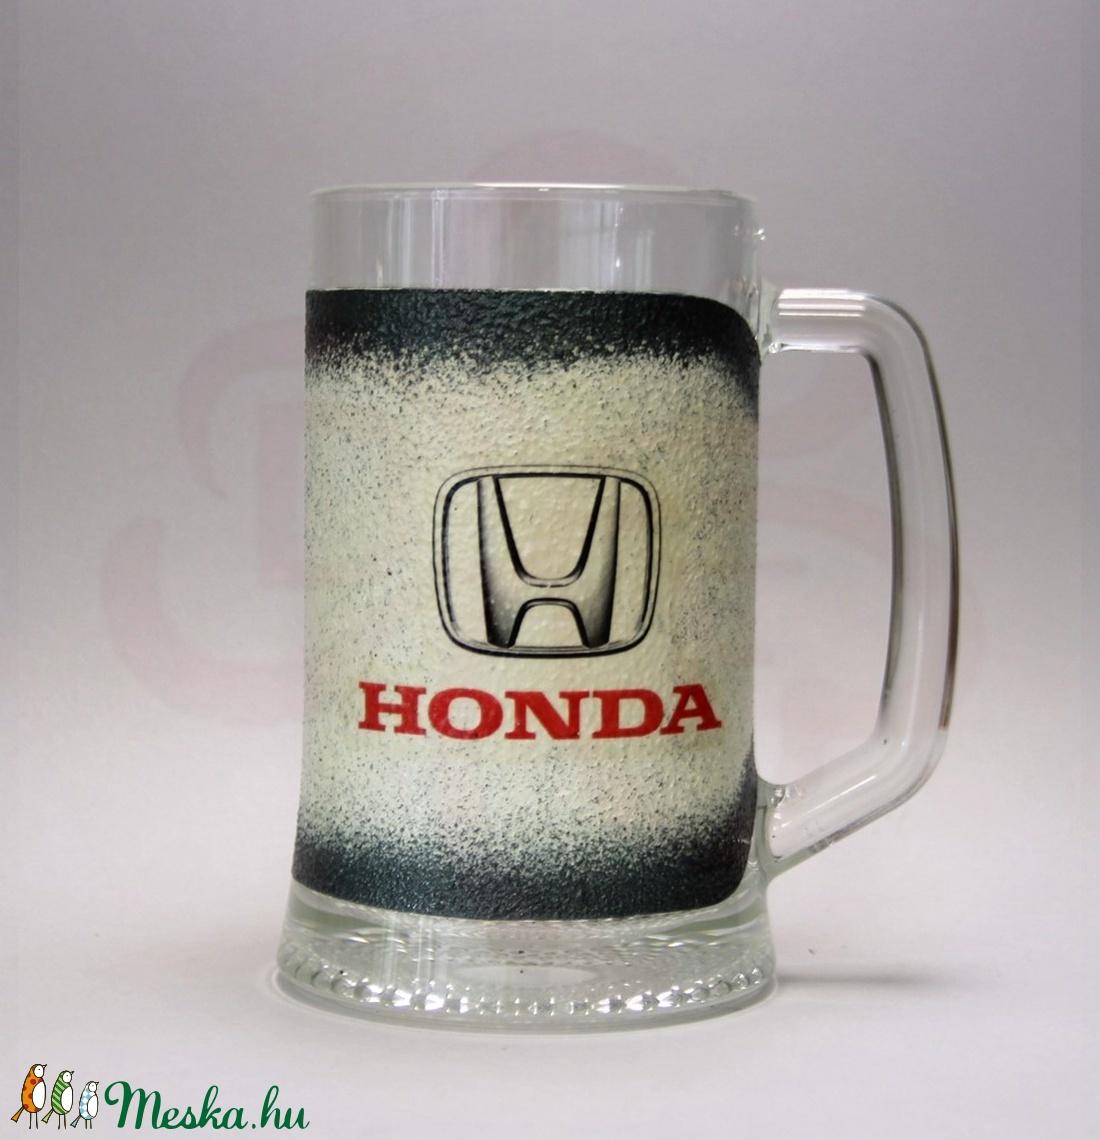 HONDA sörös korsó ; Saját Honda autód fotójával is elkészítjük ! - Meska.hu